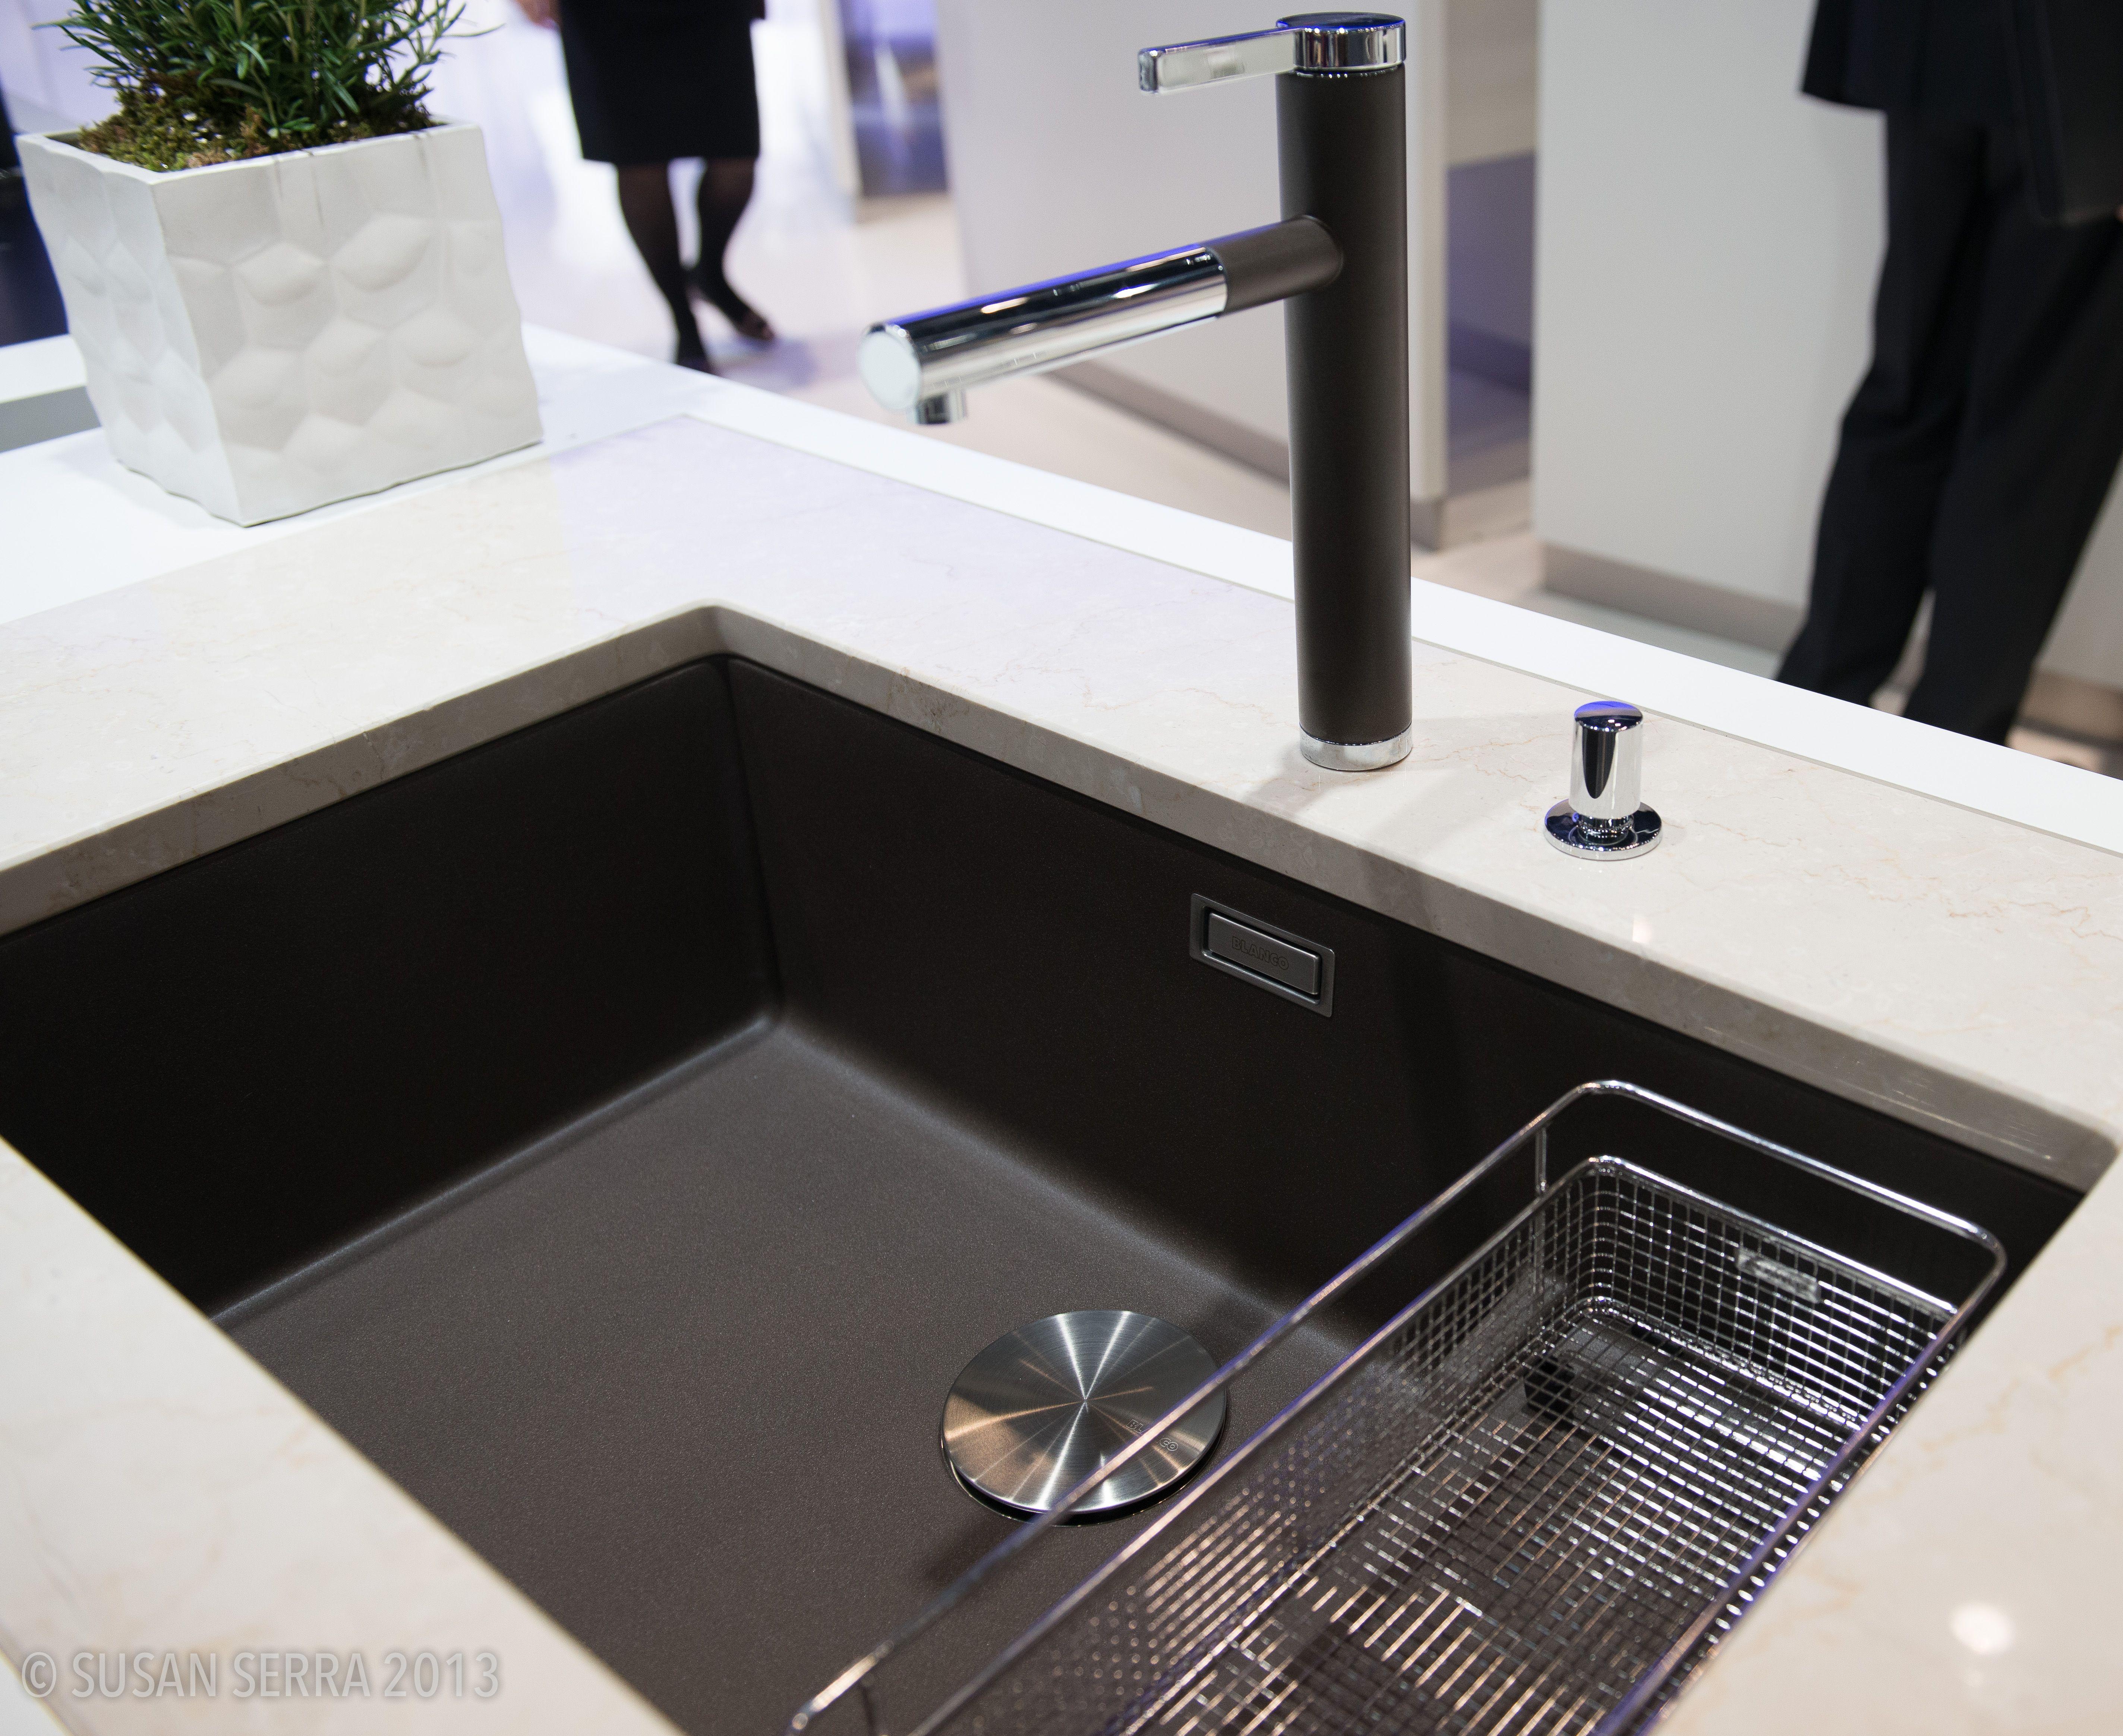 Pin By Leena On Home Kitchen Design Kitchen Sink Organization Kitchen Renovation